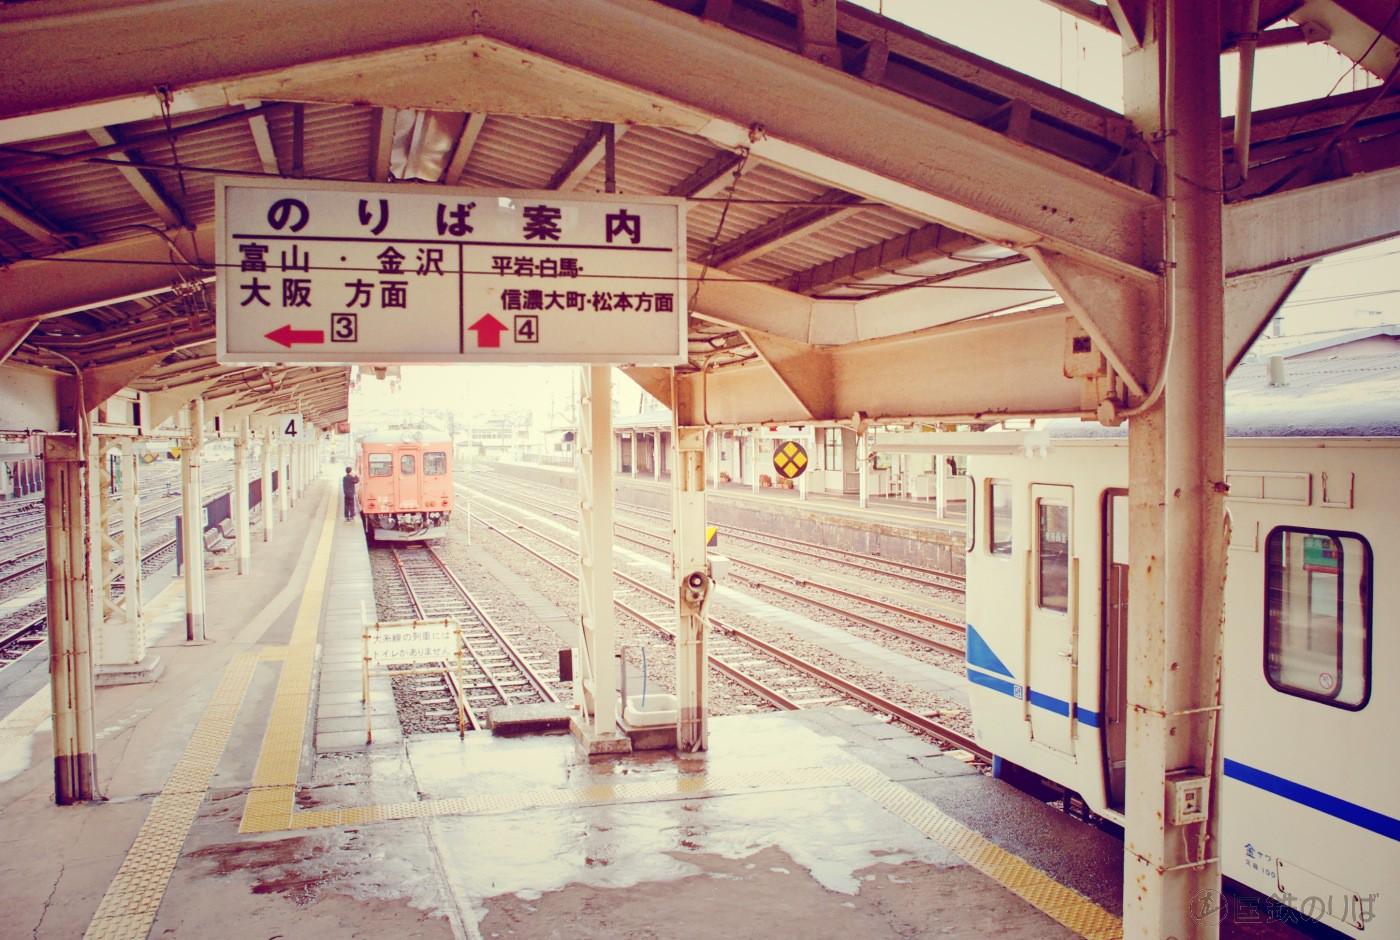 糸魚川駅の大糸線ホーム。白馬・信濃大町・松本方面と書かれているが、直通列車はない。